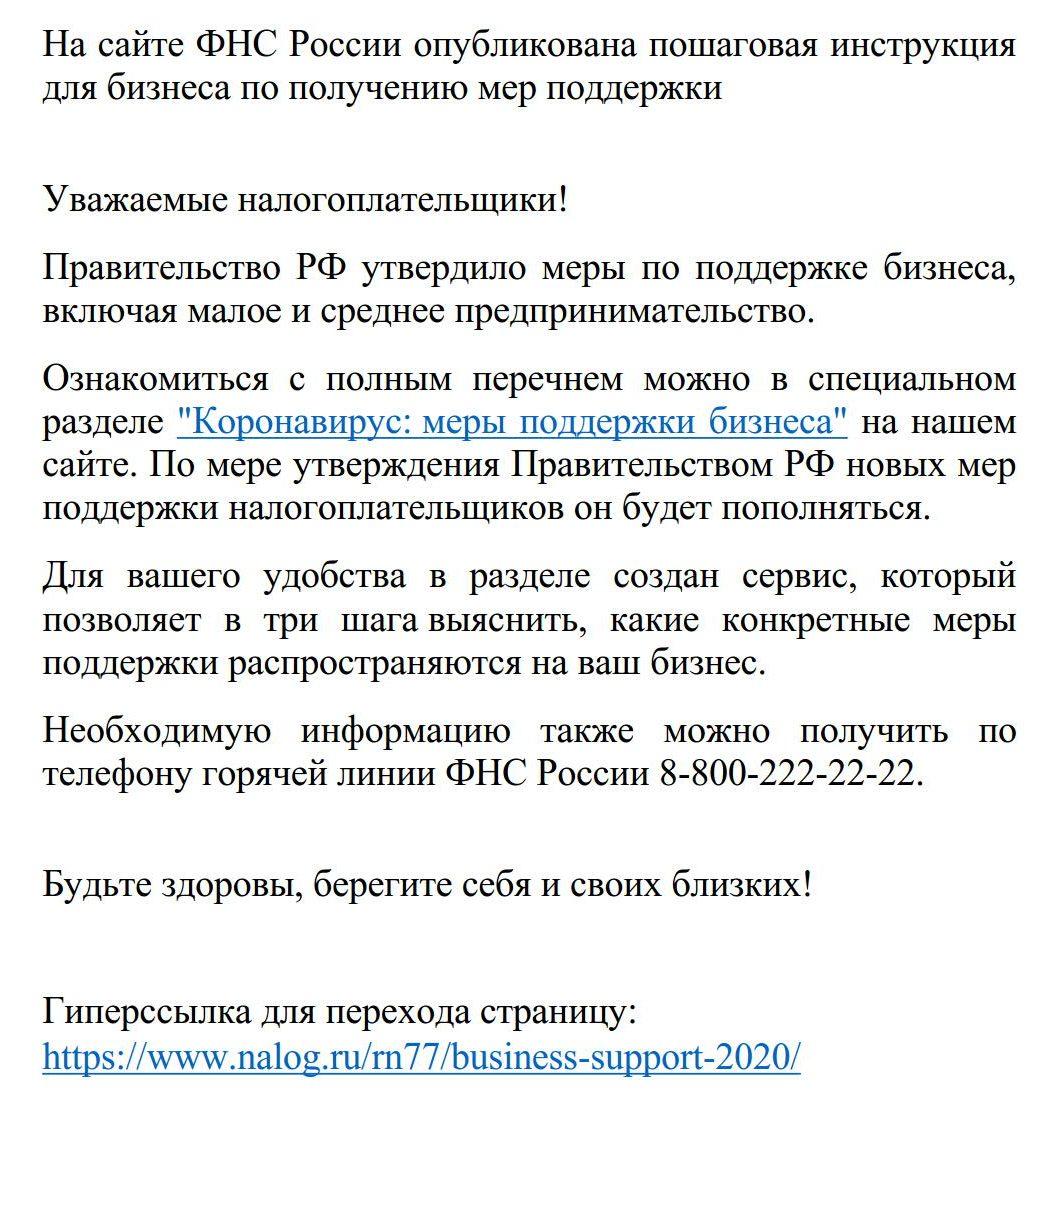 информационное письмо ФНС о поддержке бизнеса_1